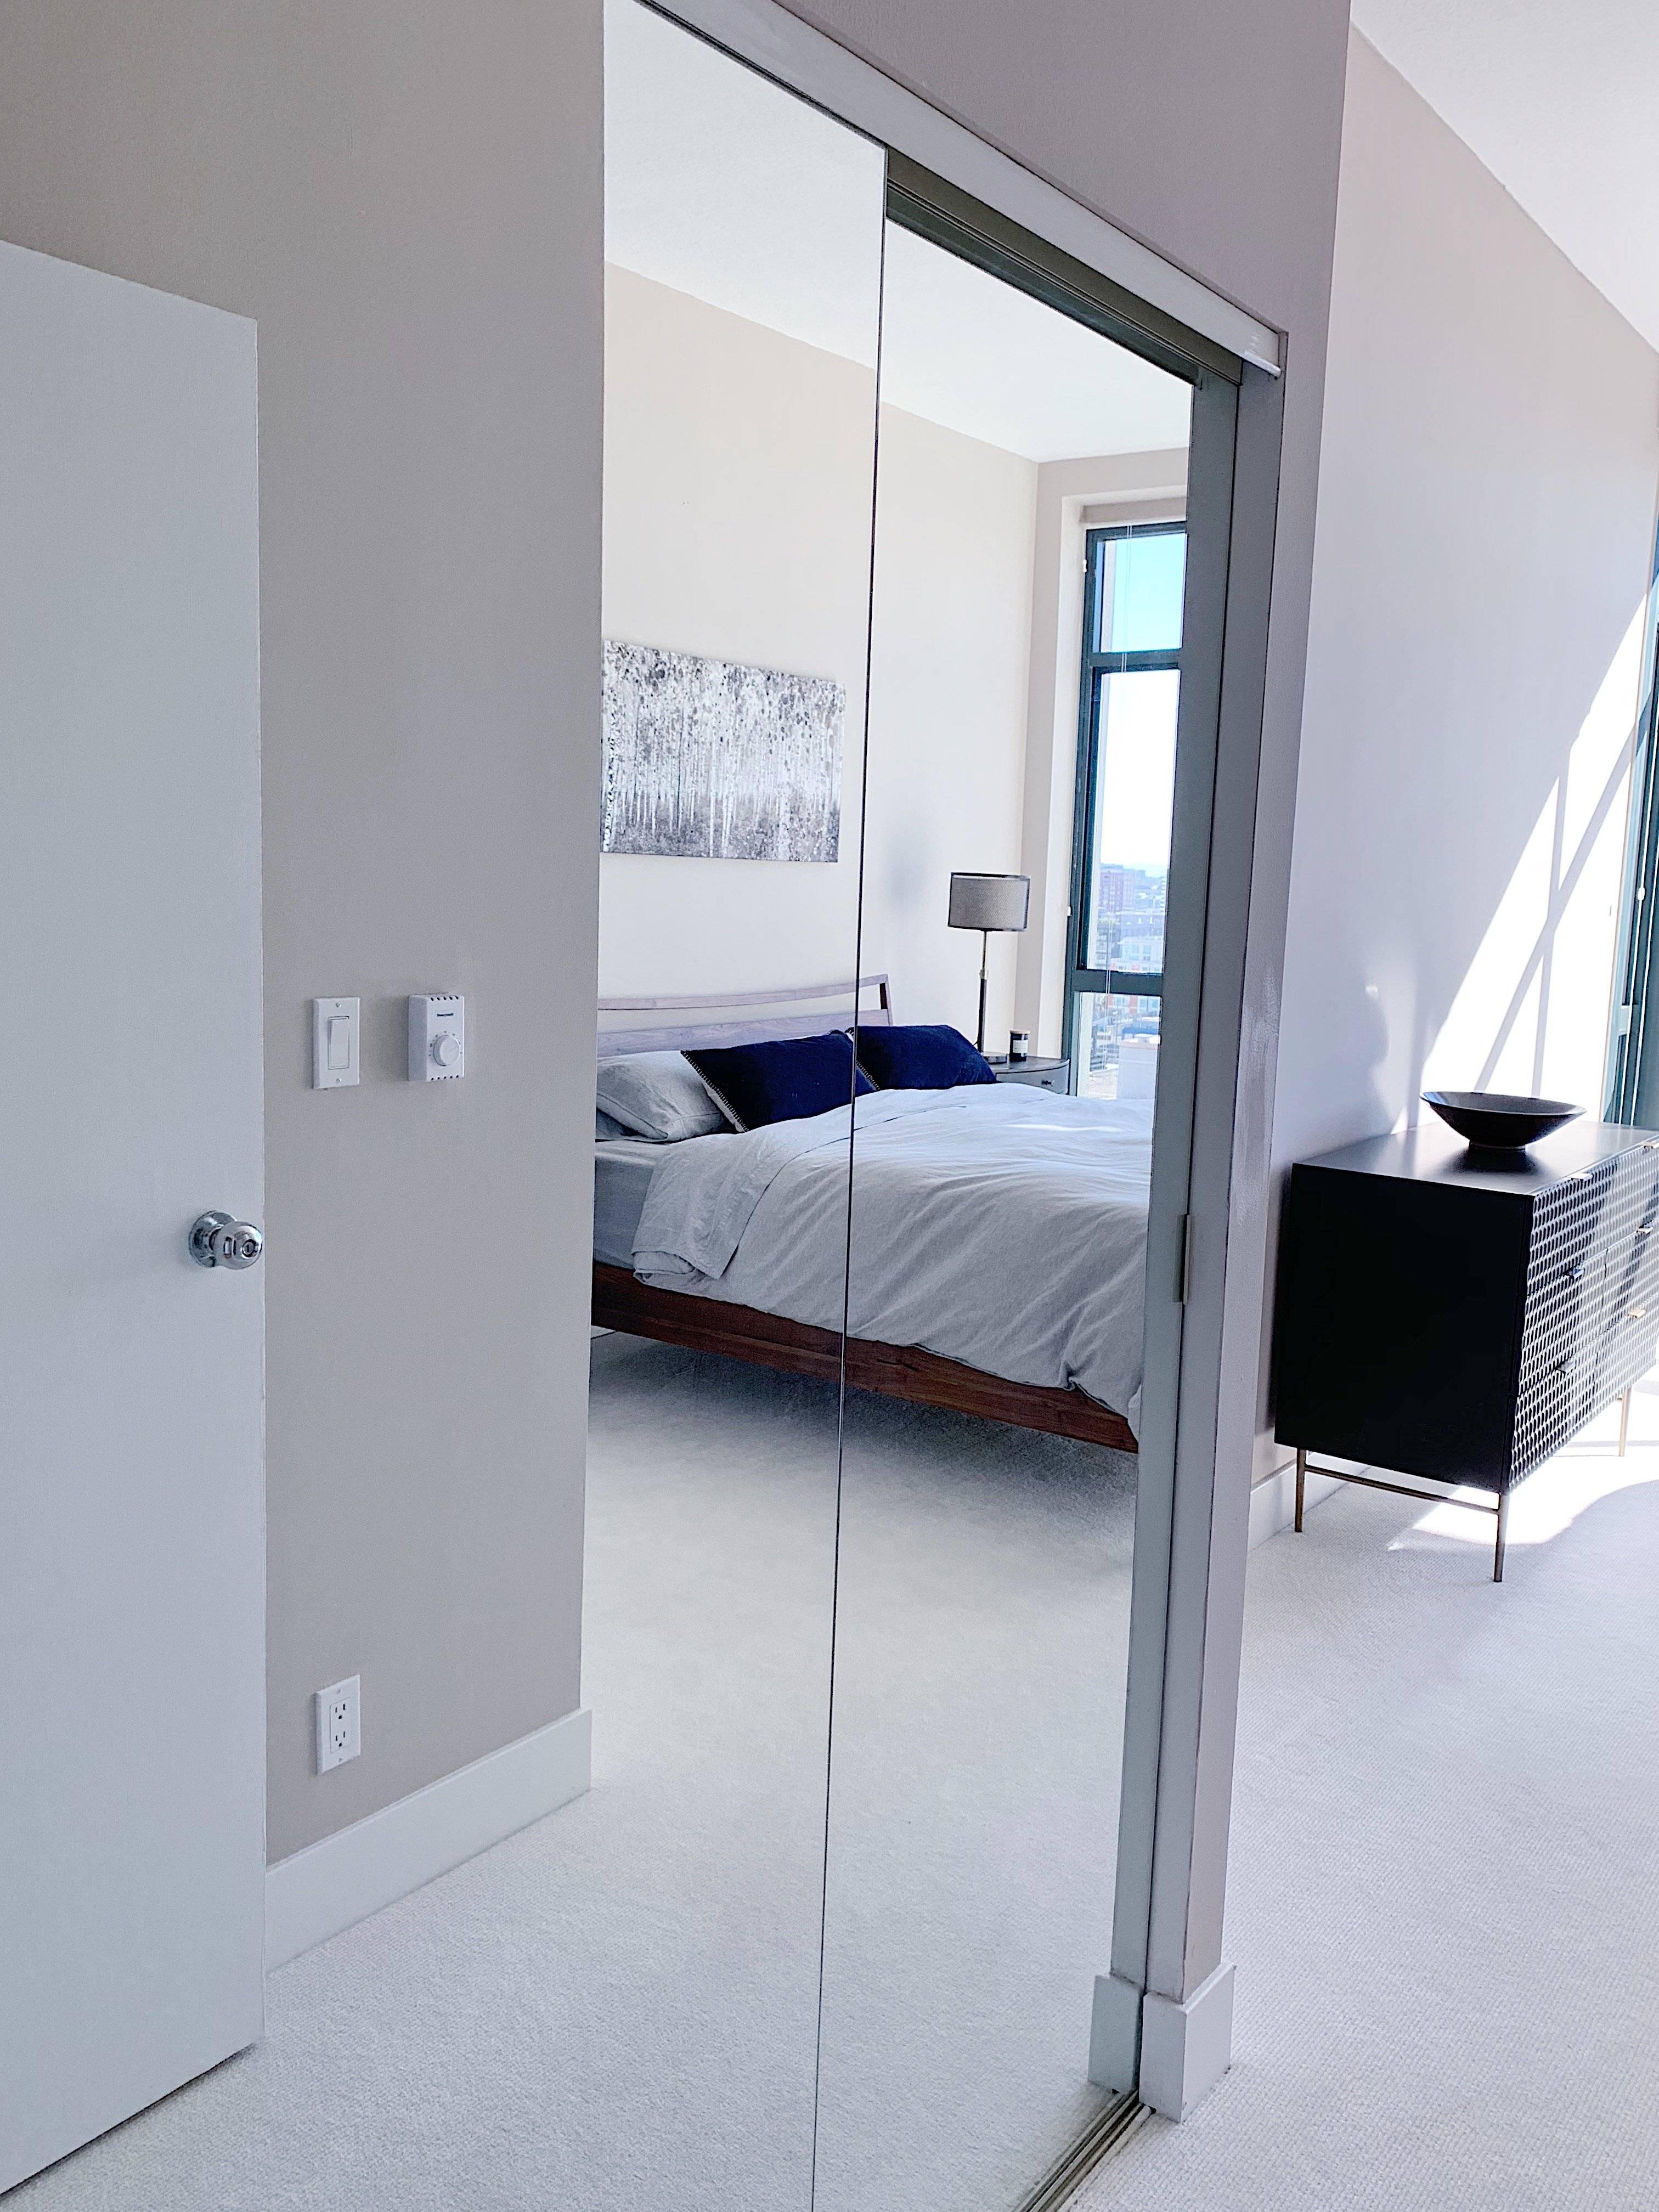 2 closets in bedroom